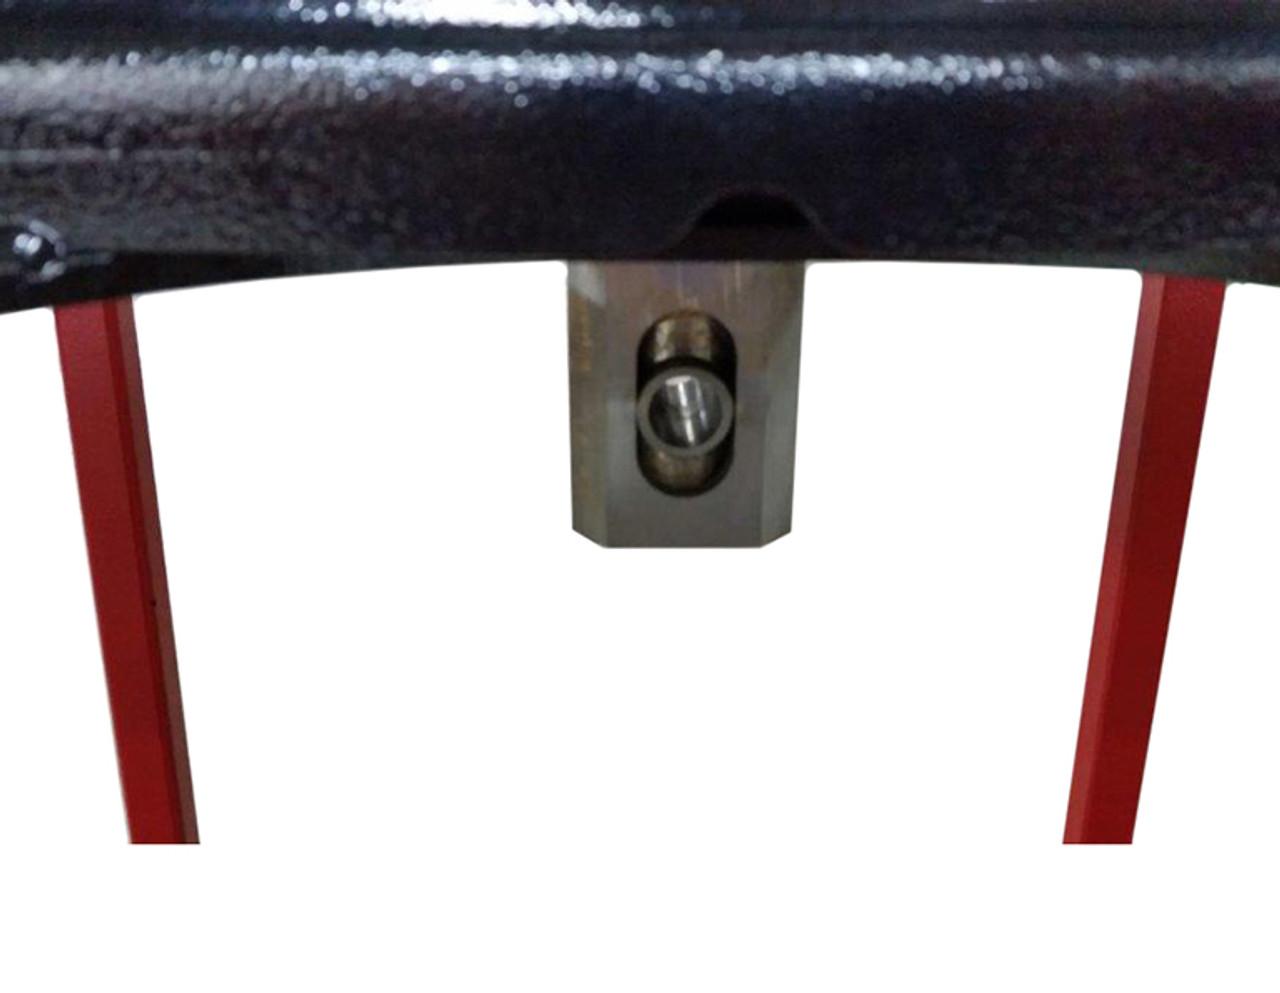 6140 --- Demco 5th Wheel Adapter plate for B&W turnover goosenecks